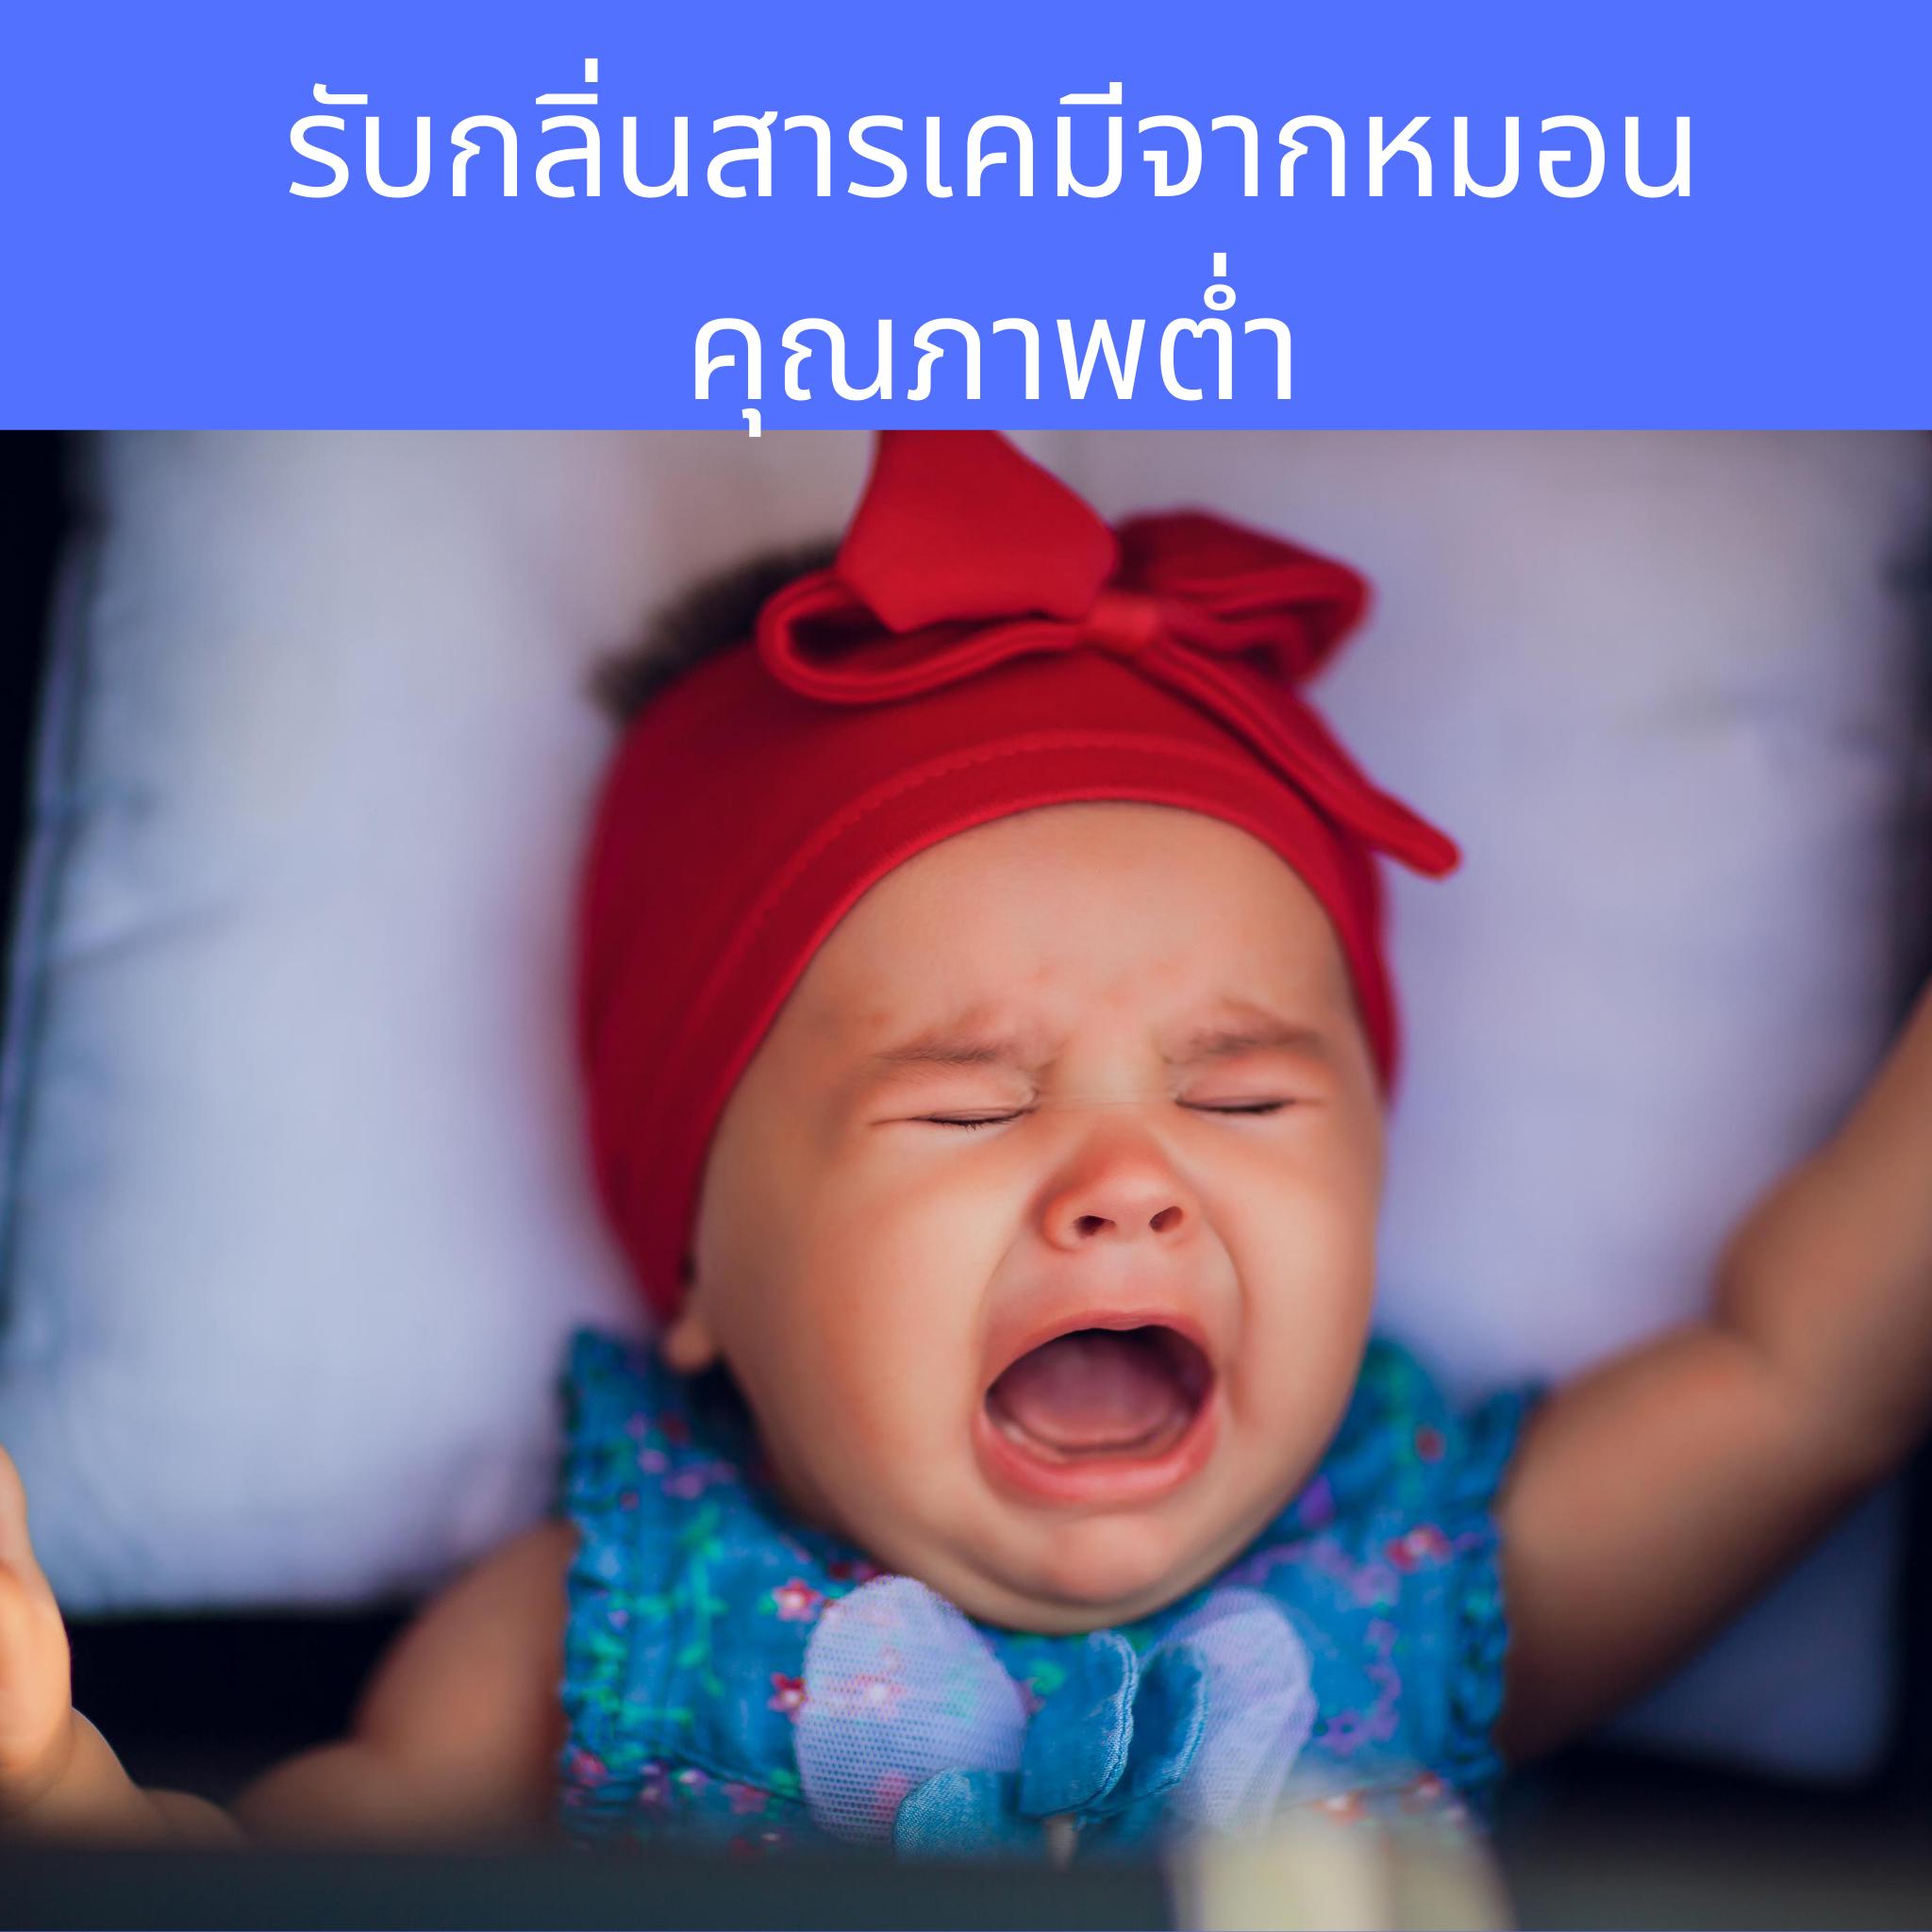 ทารก กลิ่นสารเคมีจากหมอน